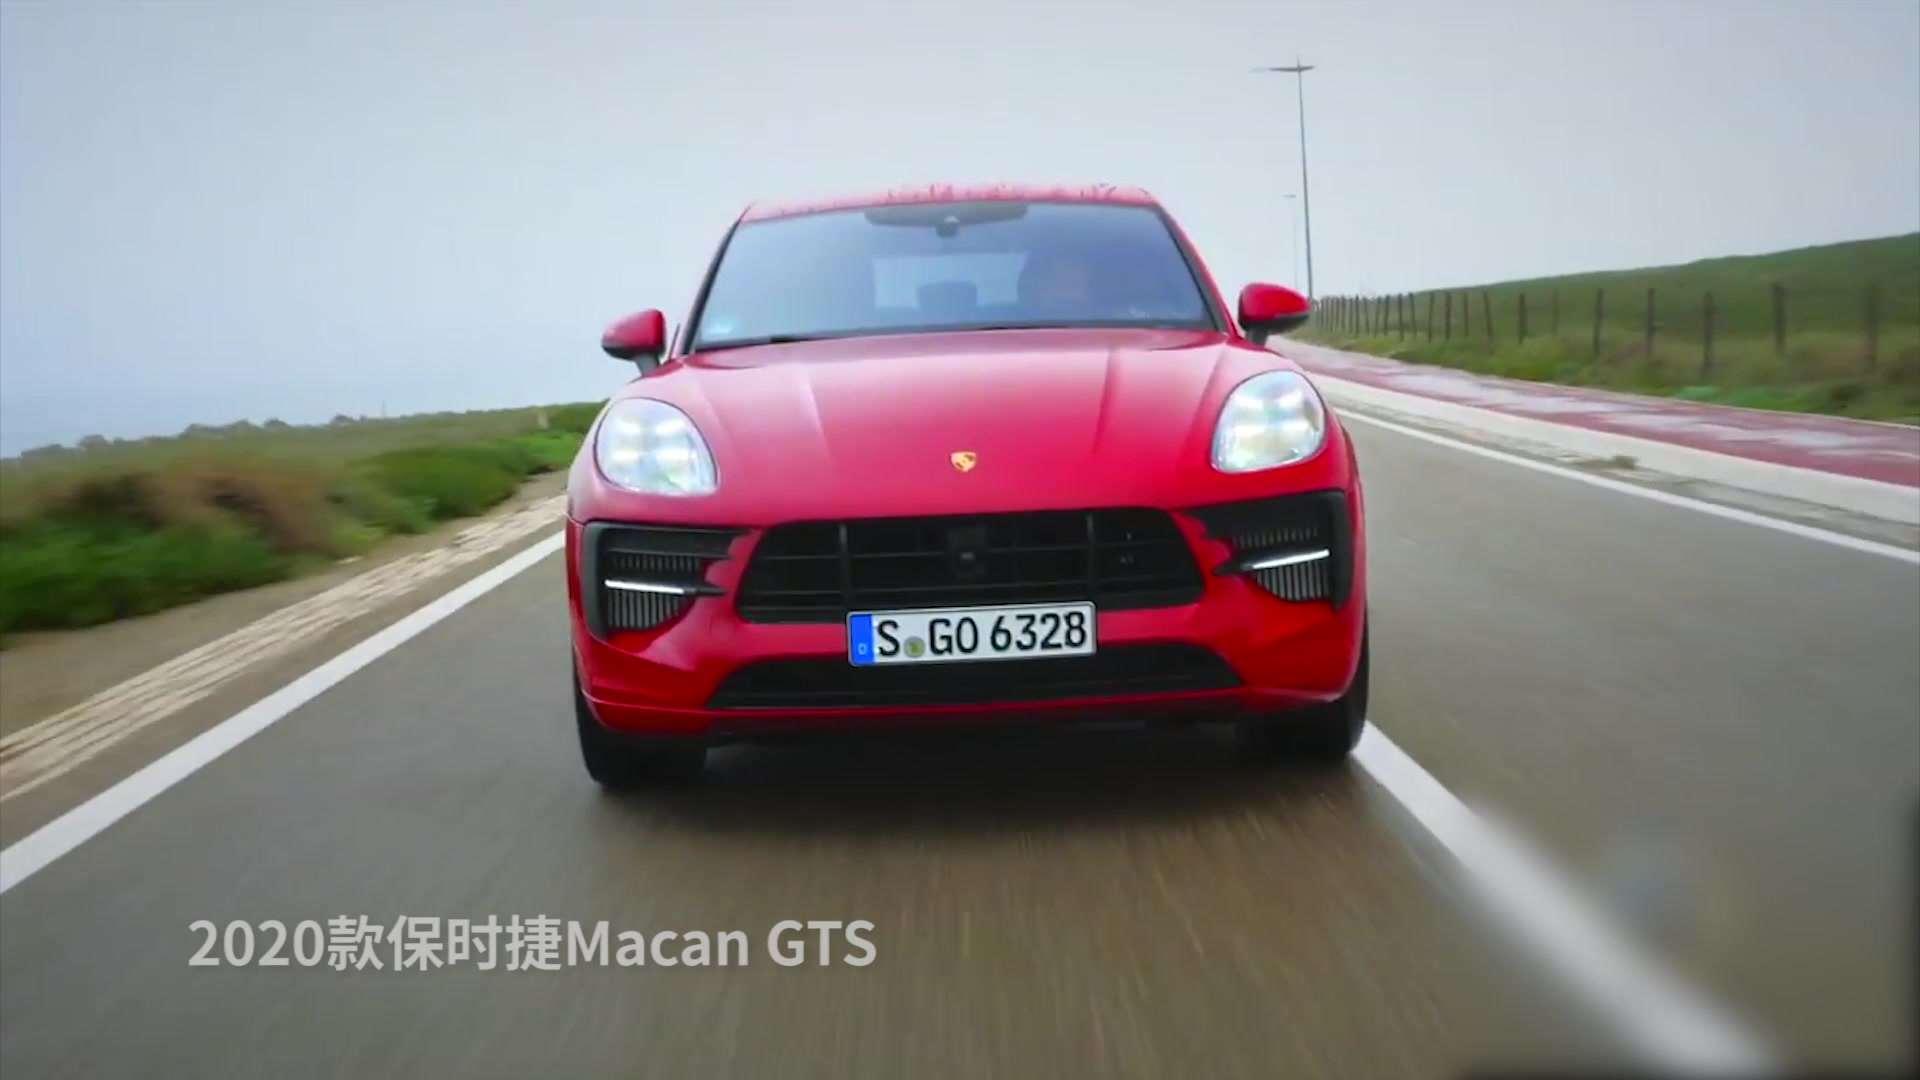 百公里加速4.7s,2020款保时捷Macan GTS发布